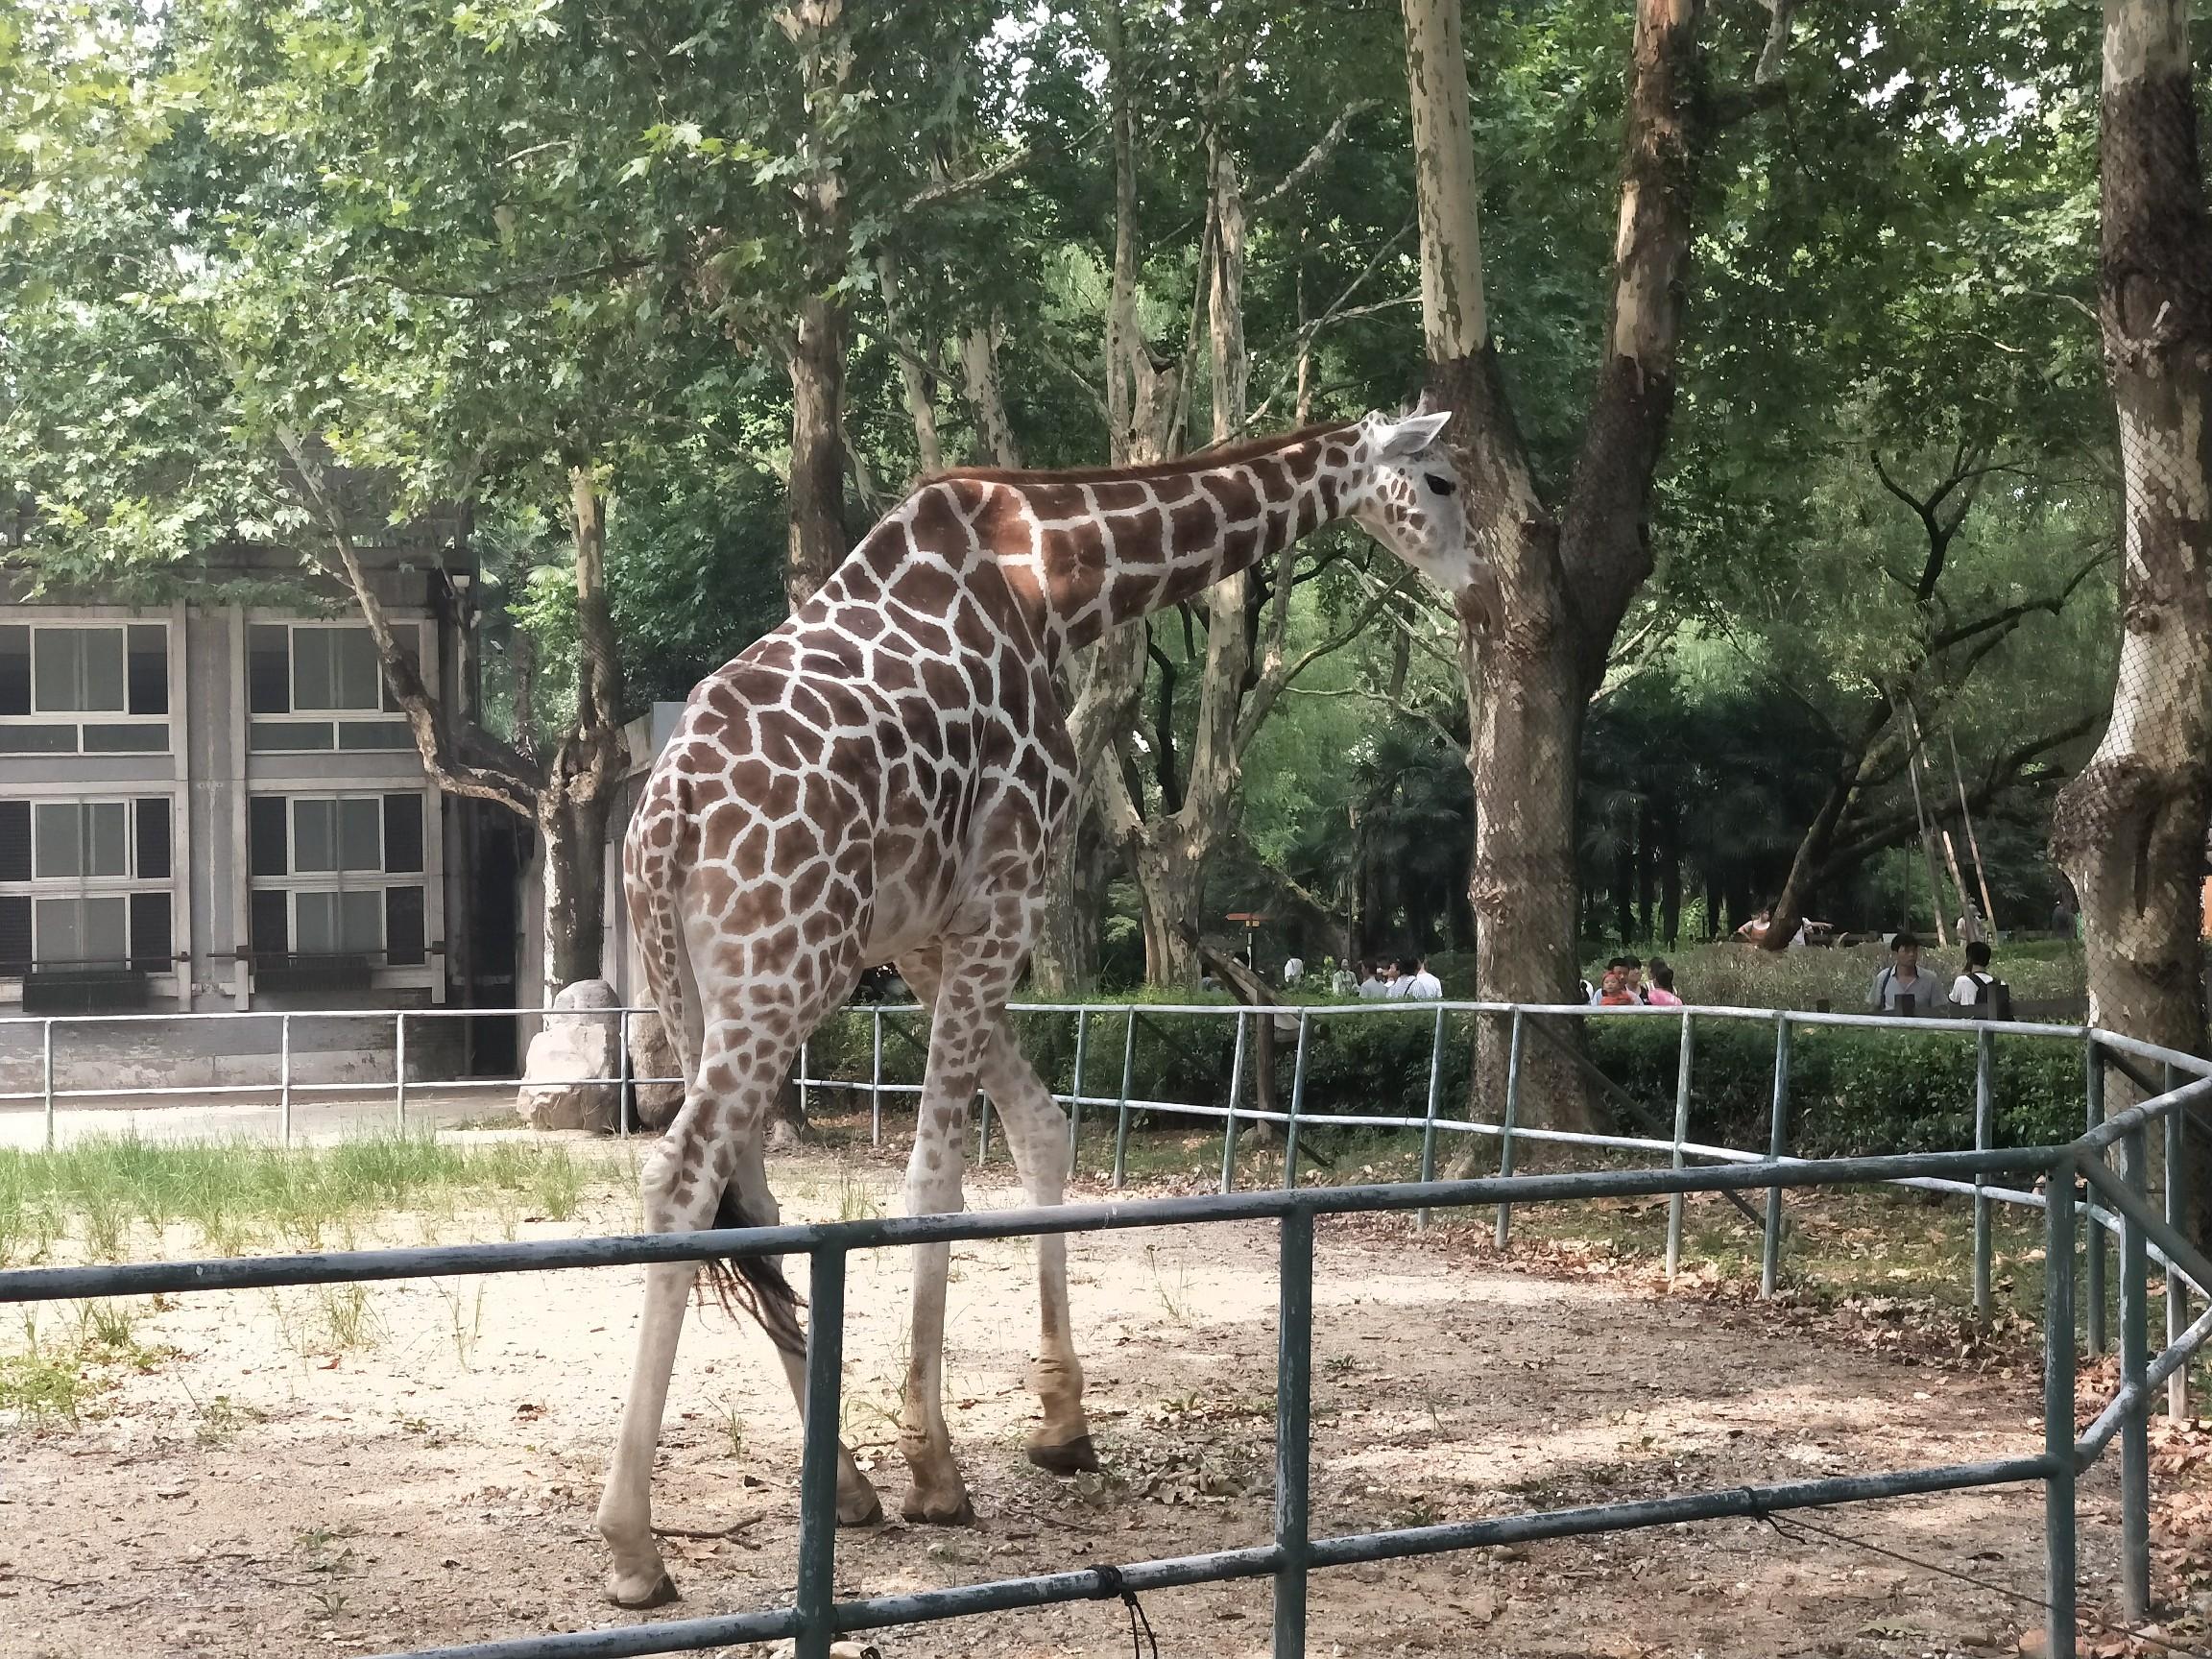 最萌表情包##旅行的意义#上海动物园里的长颈鹿,.